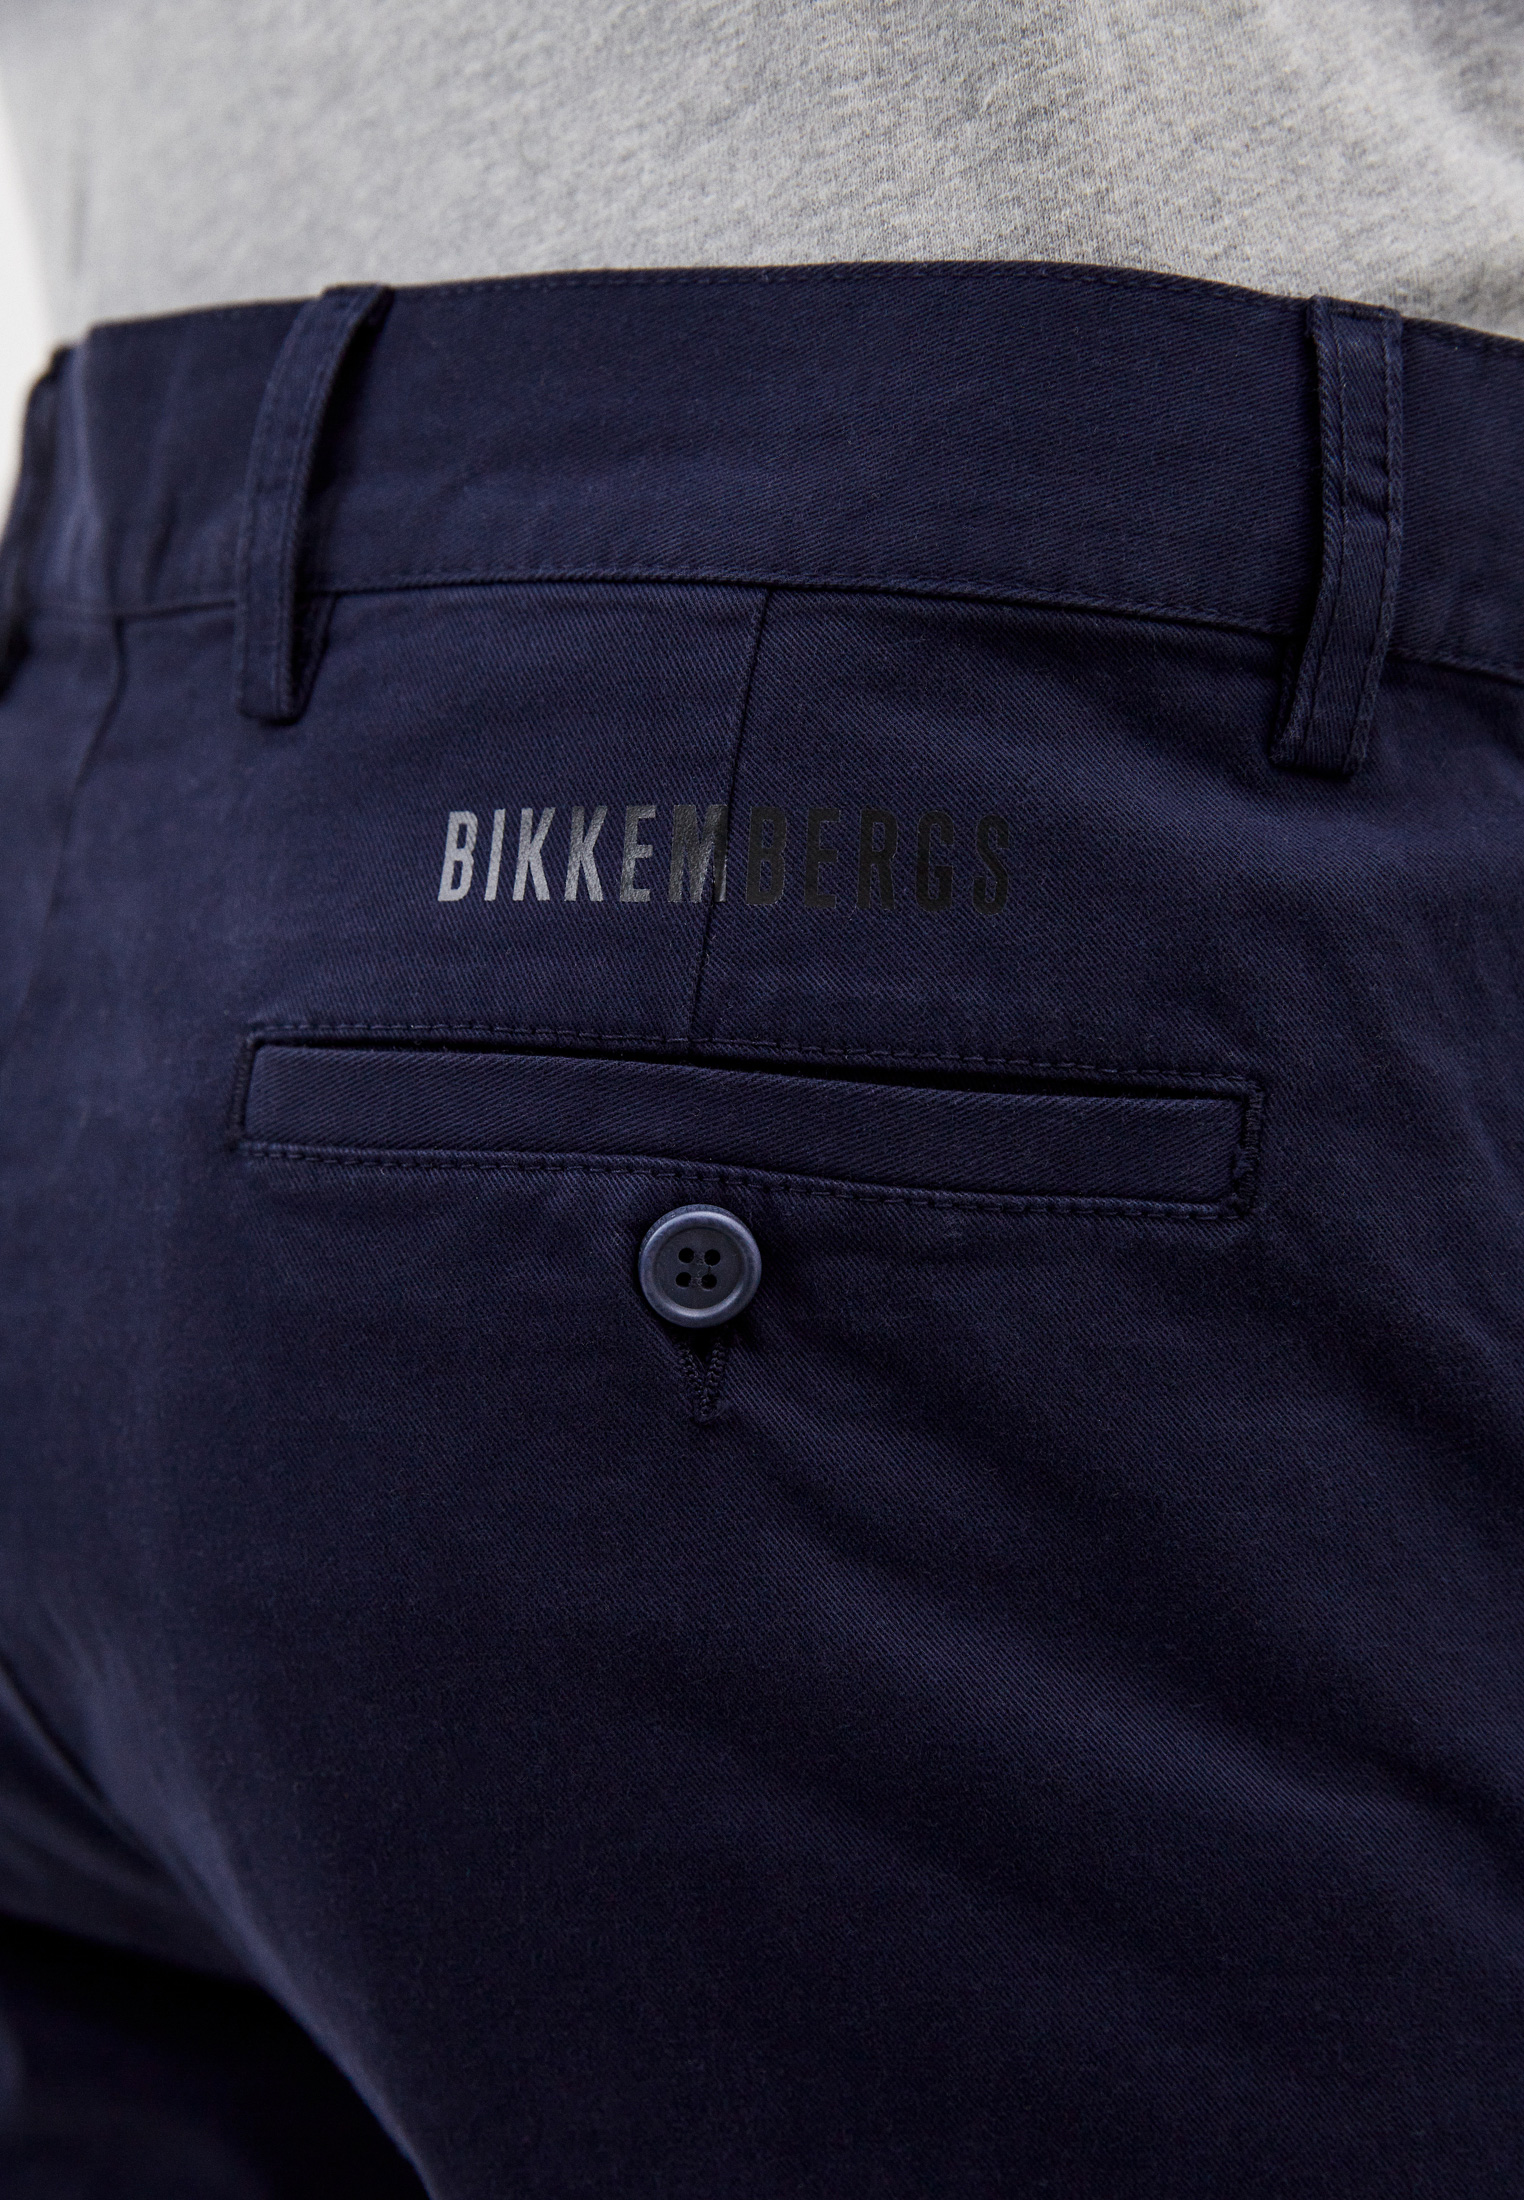 Мужские повседневные брюки Bikkembergs (Биккембергс) C P 001 15 S 3279: изображение 5